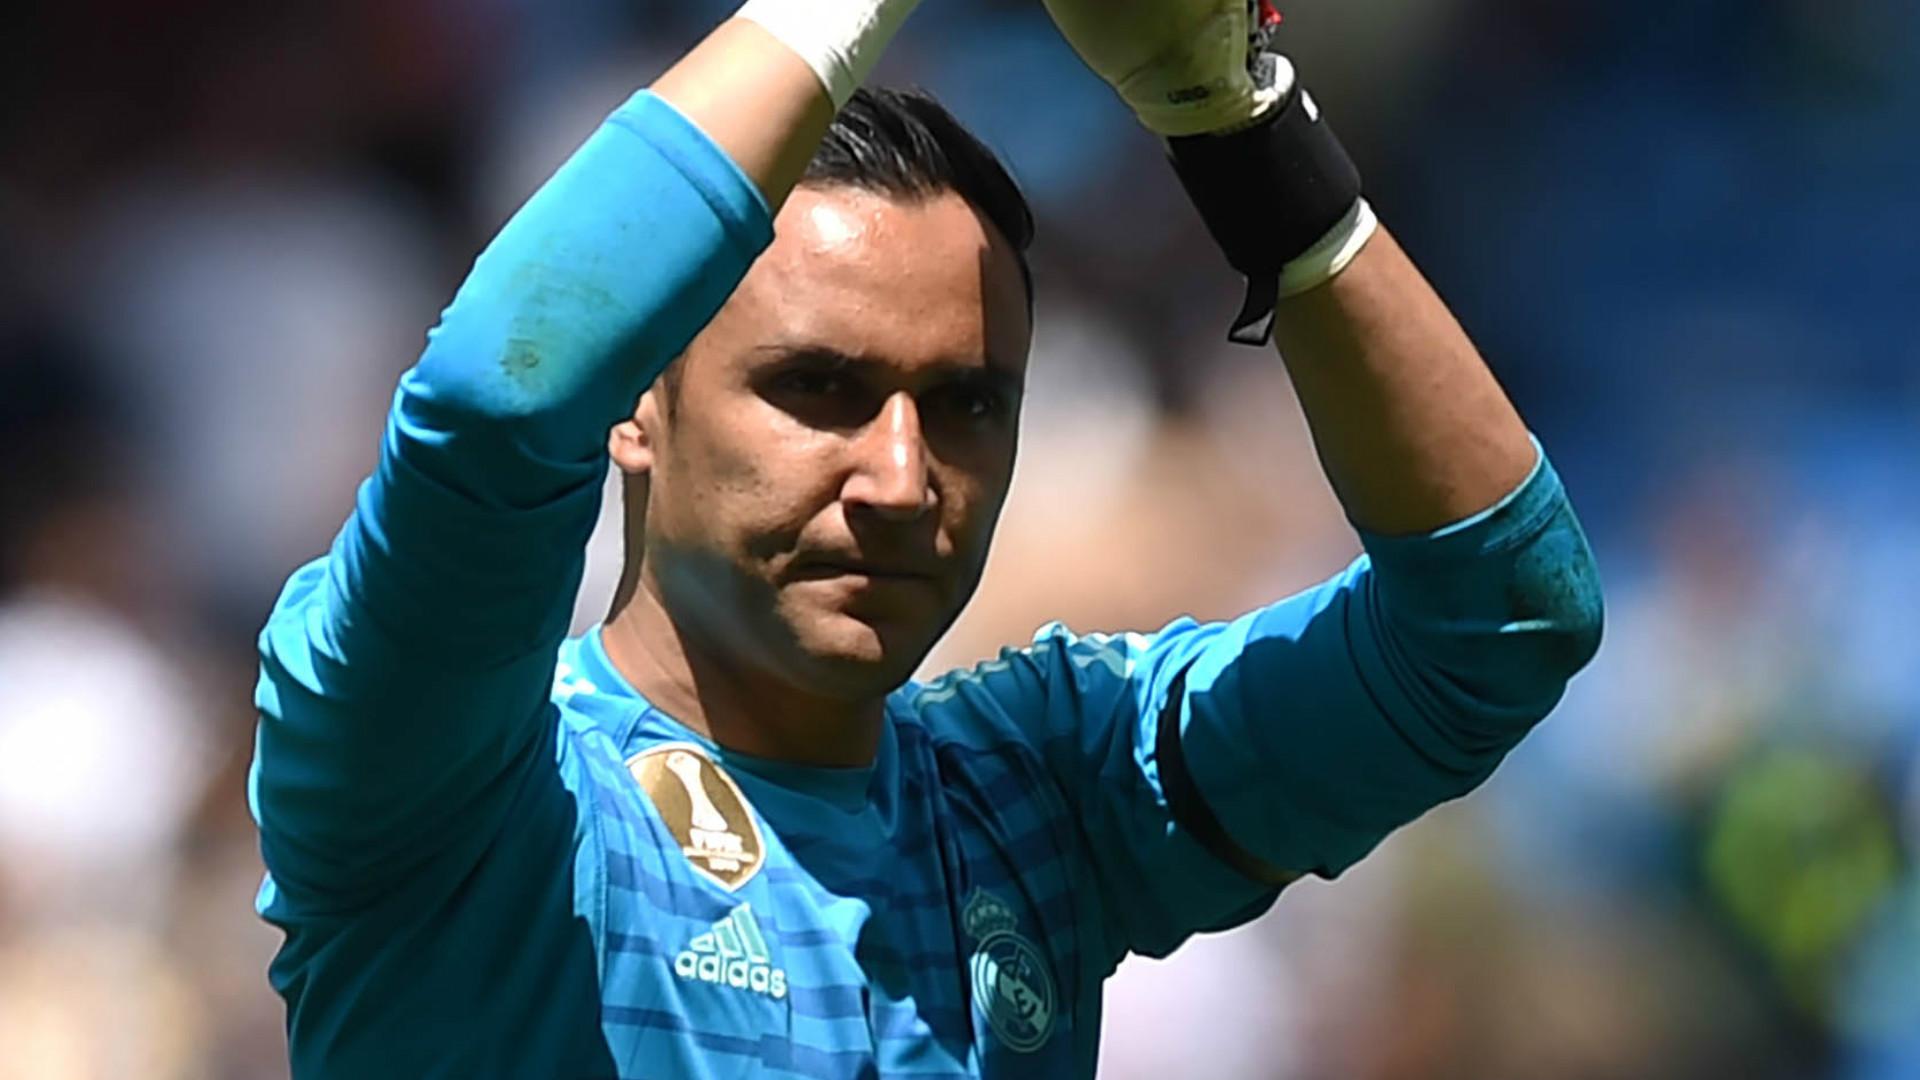 Mercato, PSG : le prix que le Real Madrid aurait fixé pour Keylor Navas